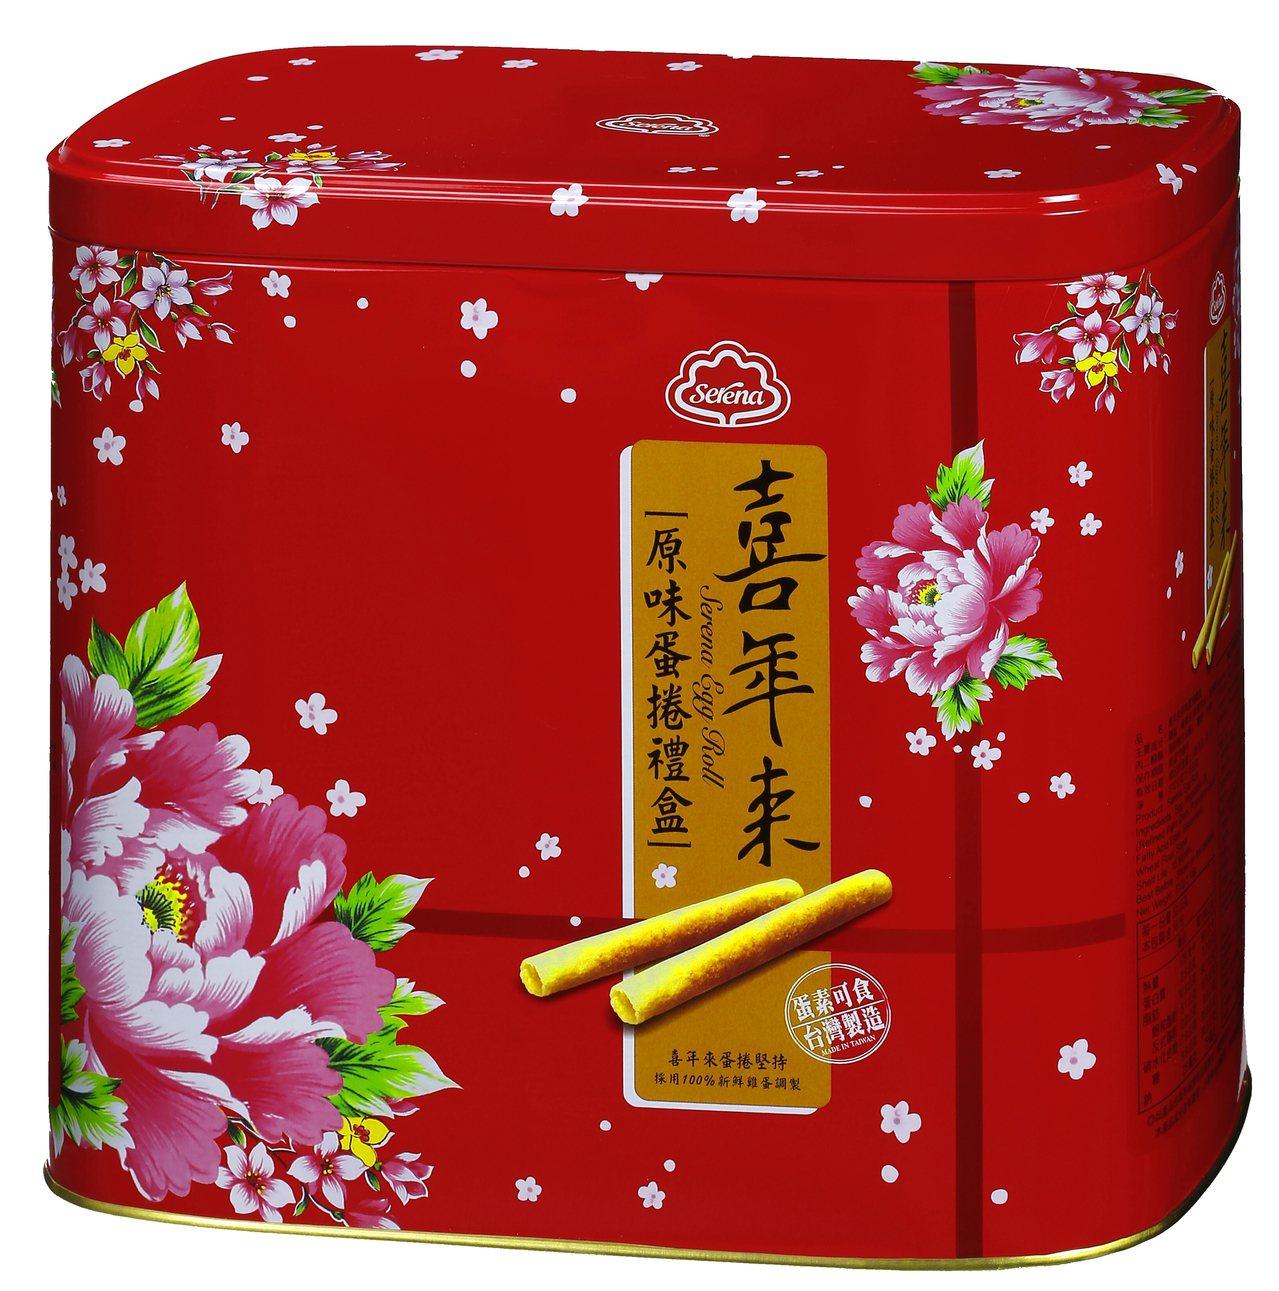 喜年來原味蛋捲禮盒,口感香鬆酥脆,單純風味歷久彌新。圖/喜年來提供